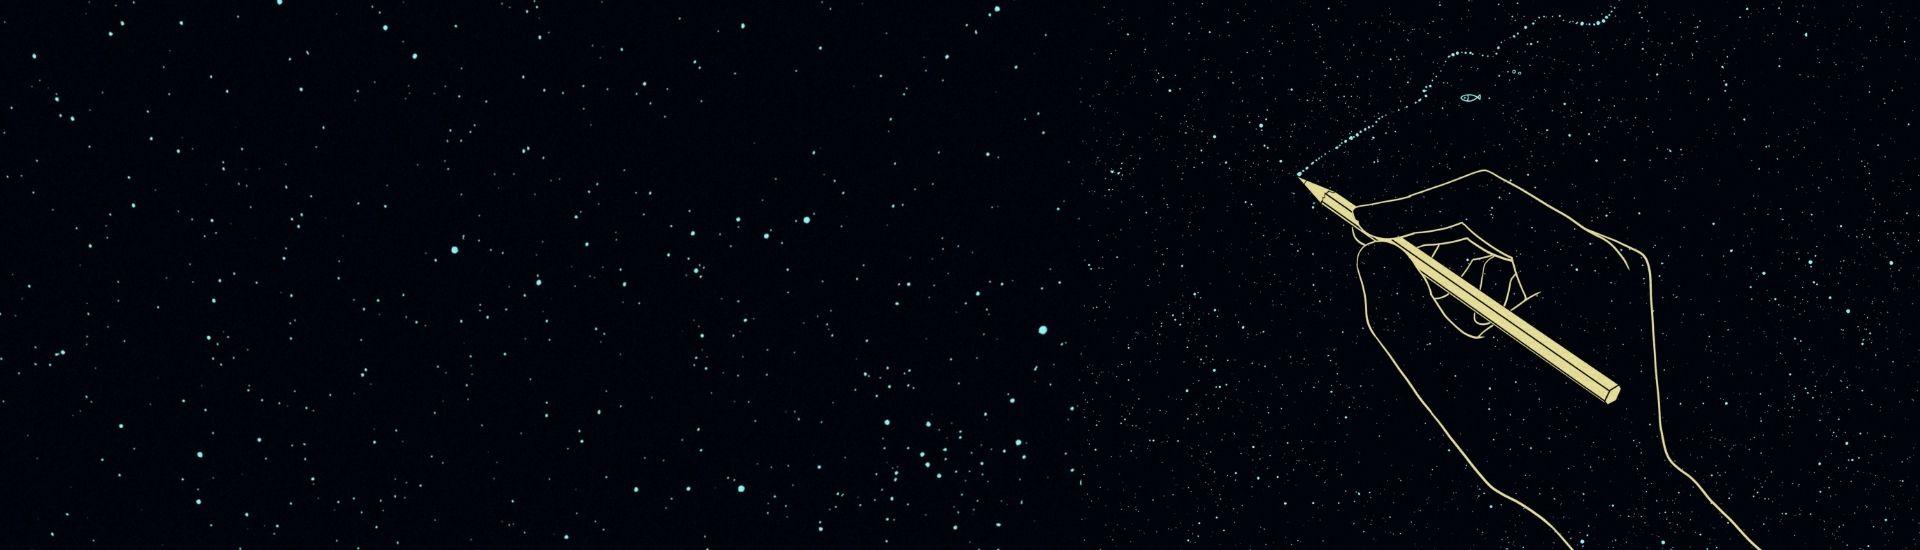 Ilustración de una mano dibujando unos peses en un cielo estrellado